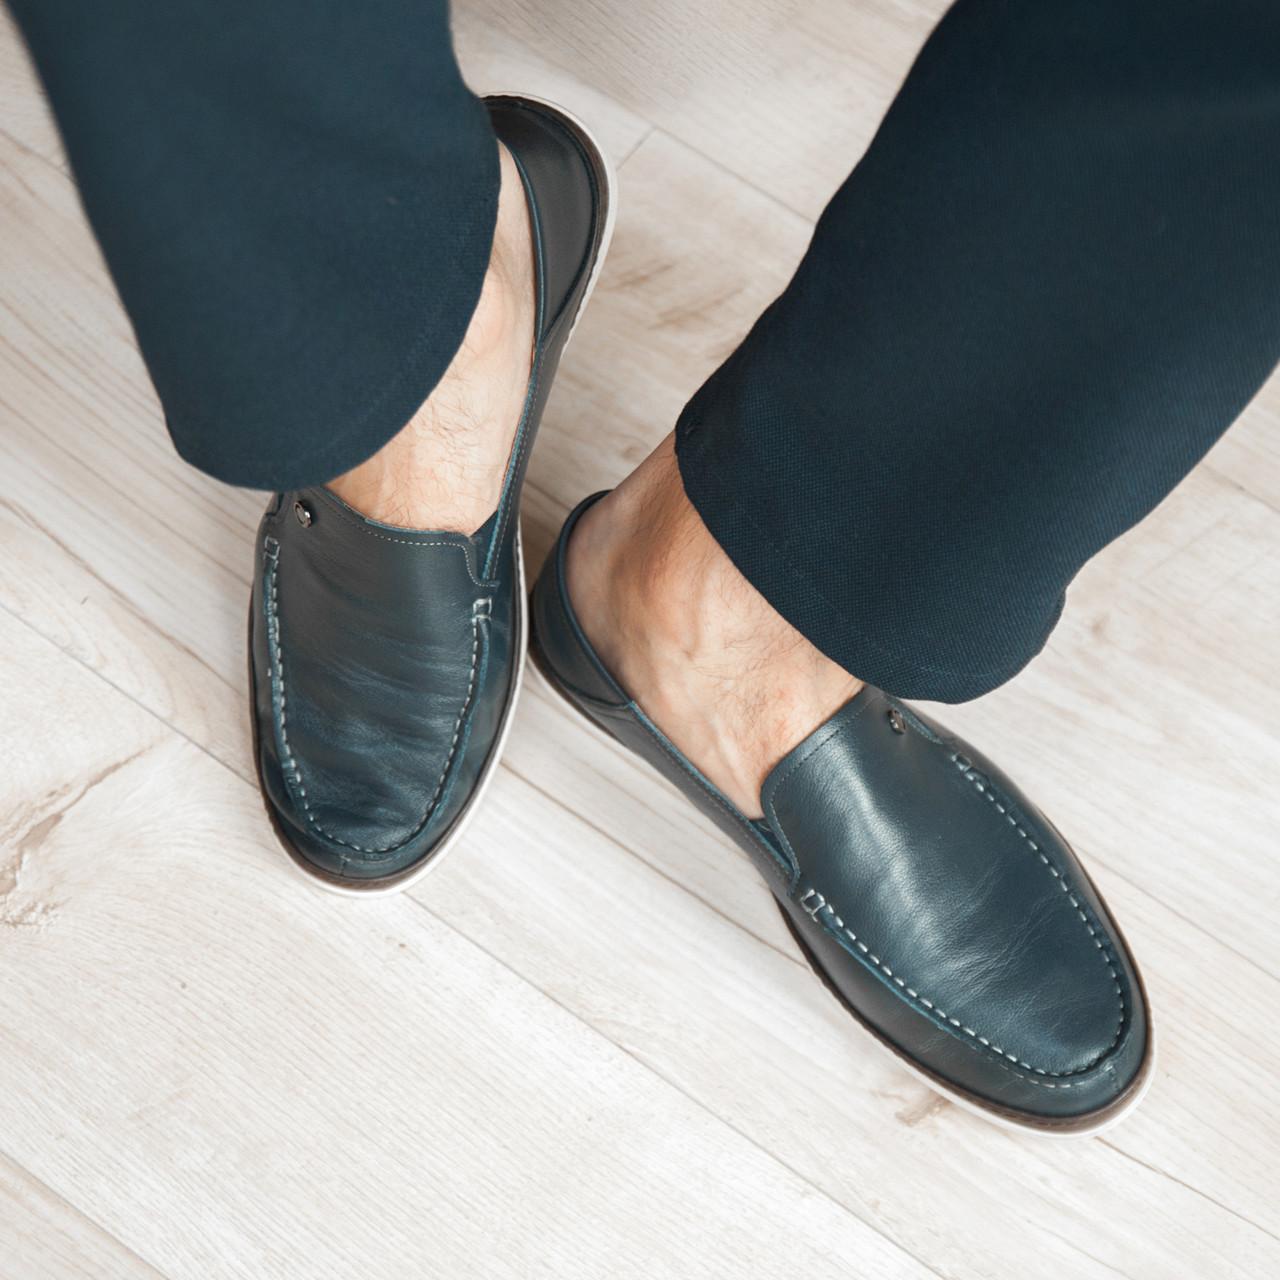 Туфлі мокасини чоловічі сині шкіряні